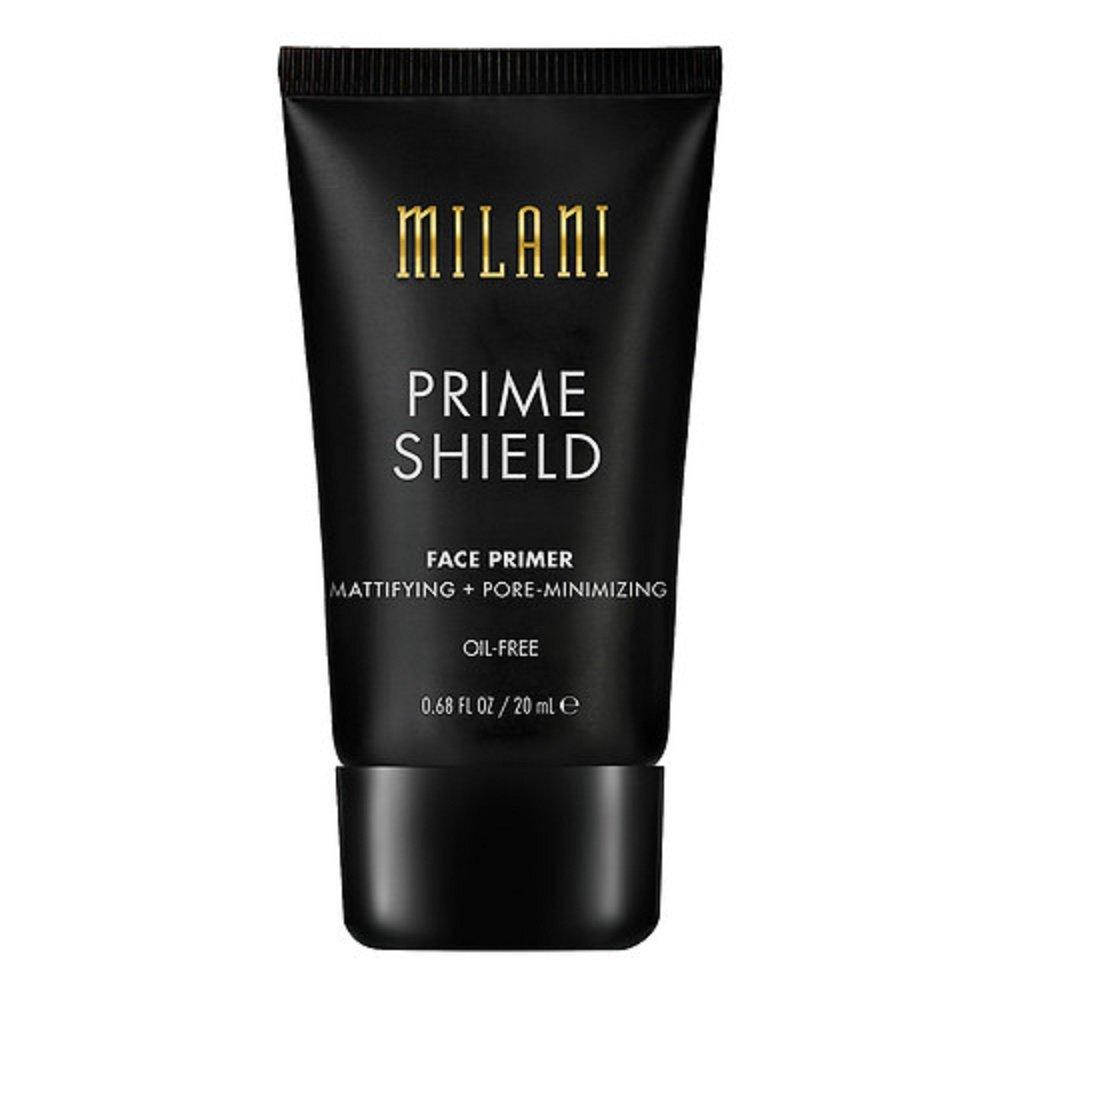 Milani Prime Shield Mattifying + Pore-Minimizing Face Primer [Misc.] B01BPLEELS